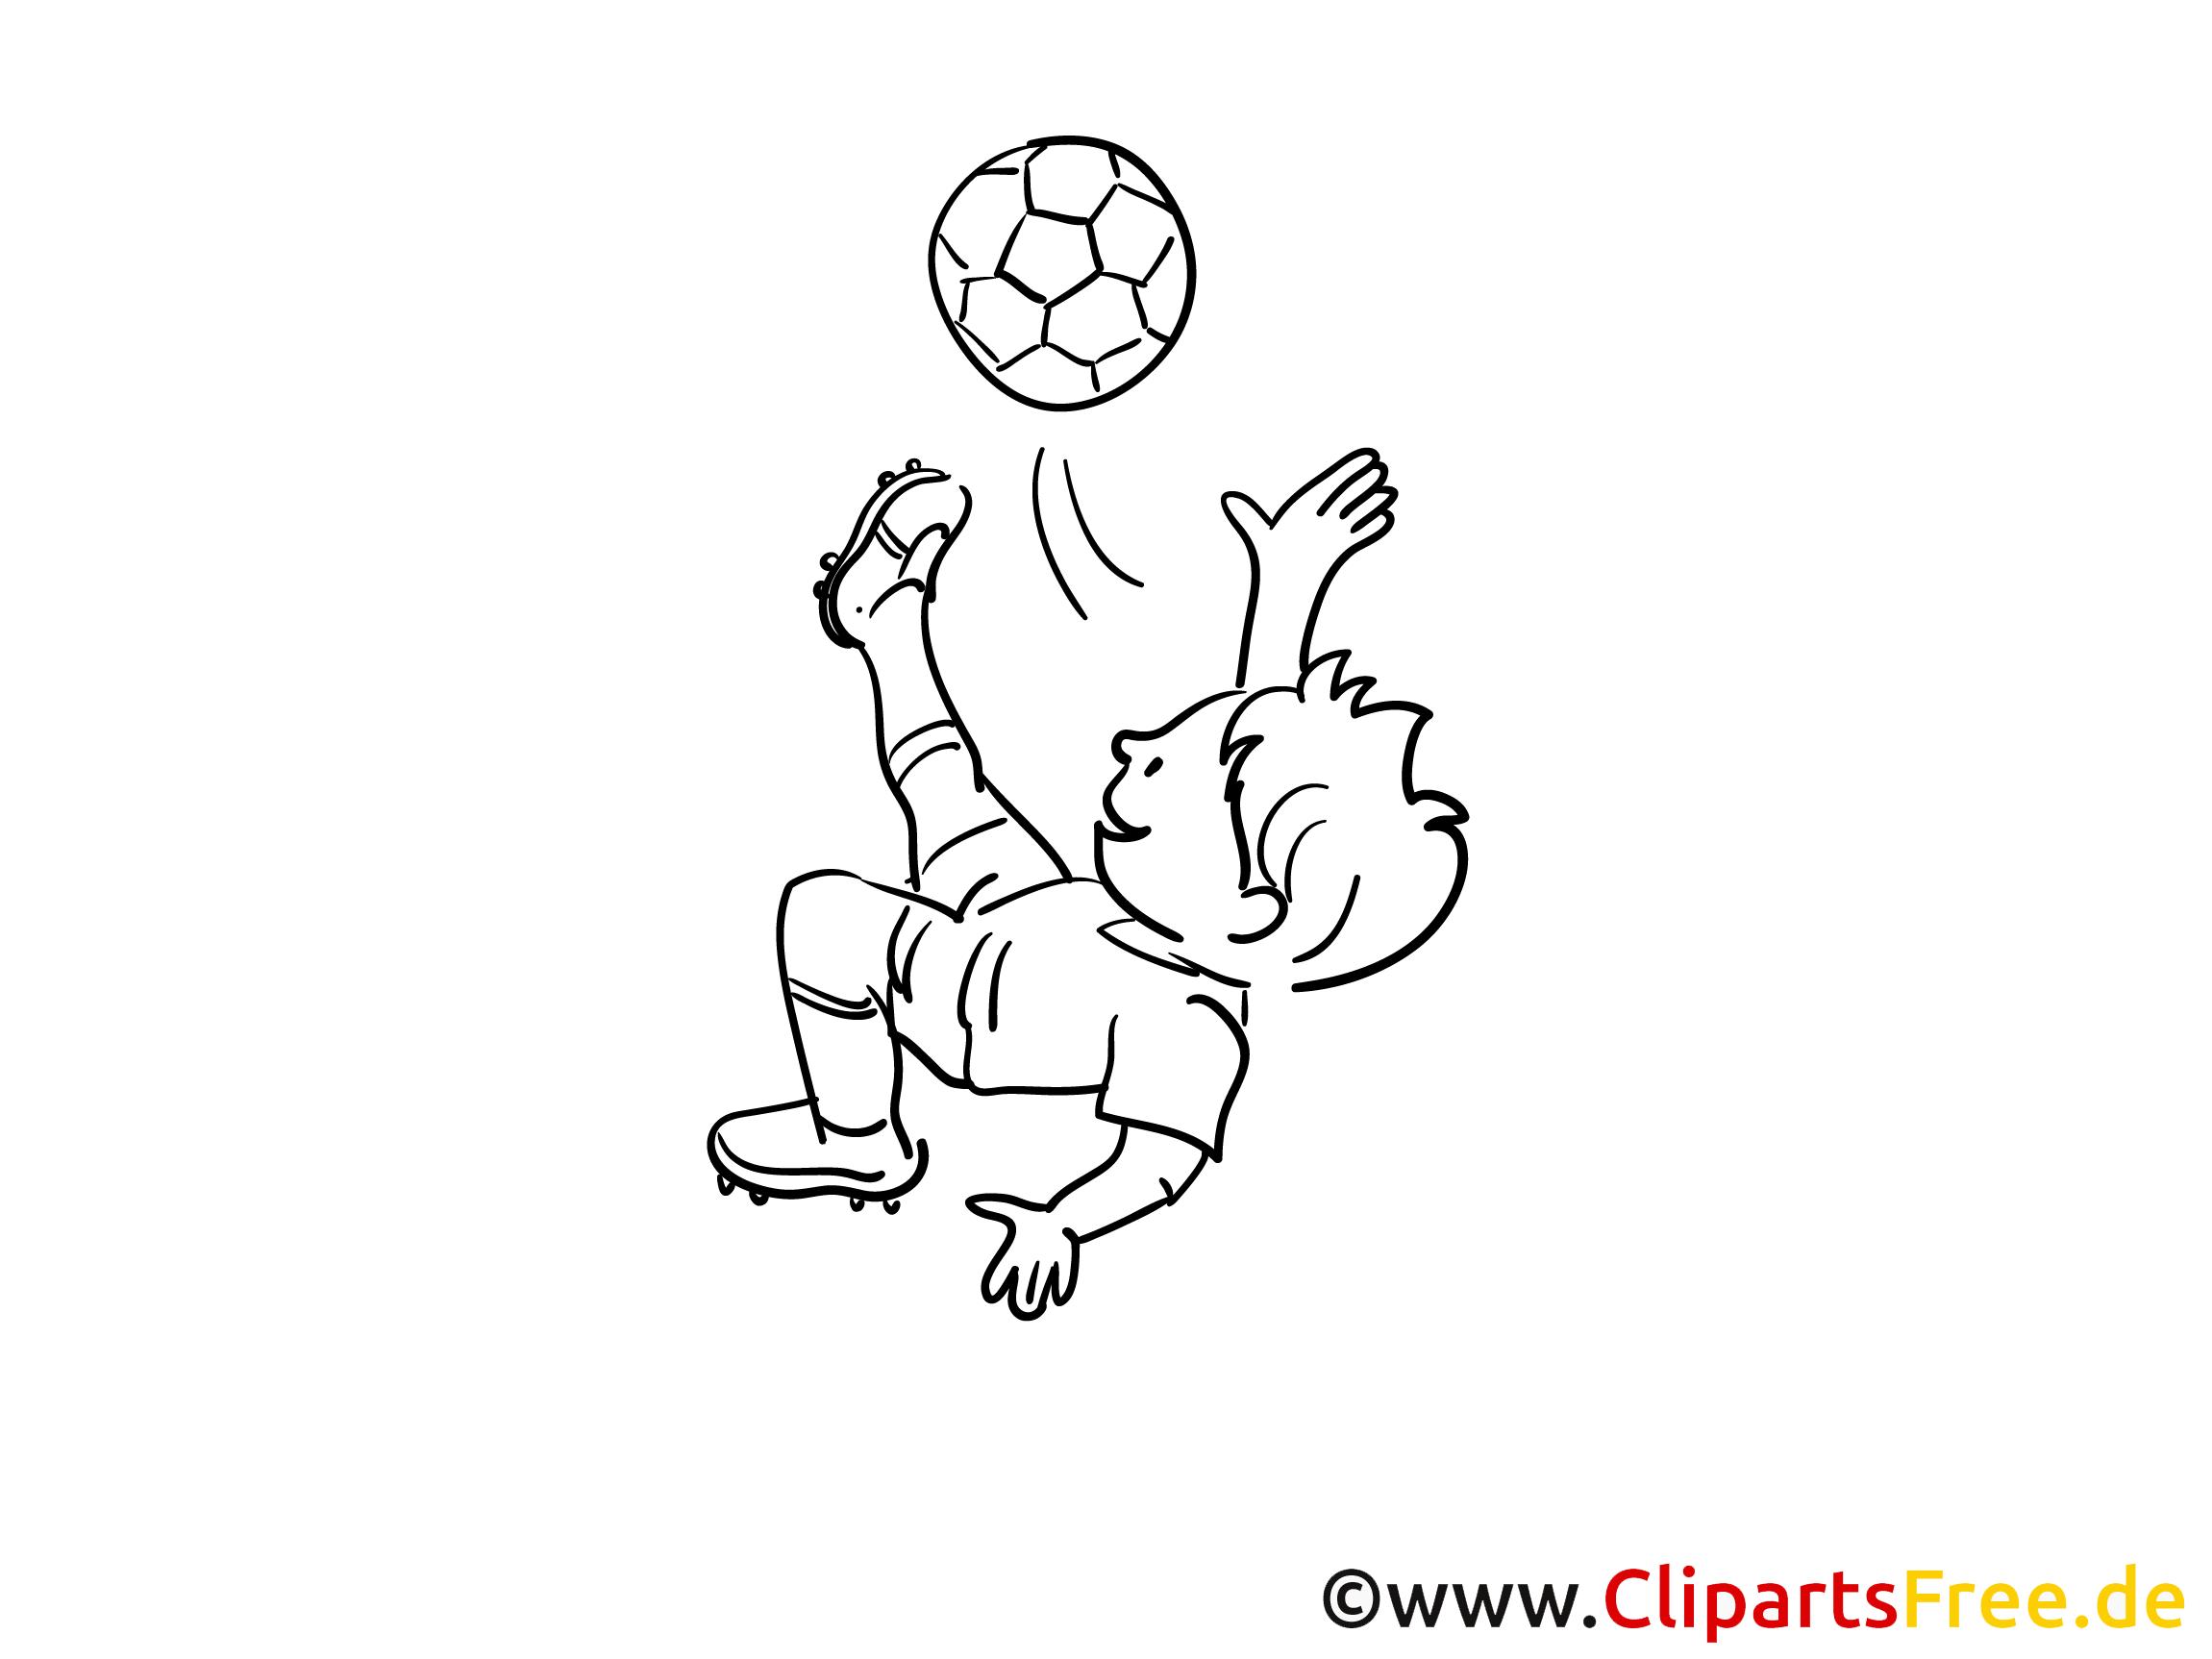 fußball bilder zum ausmalen fc